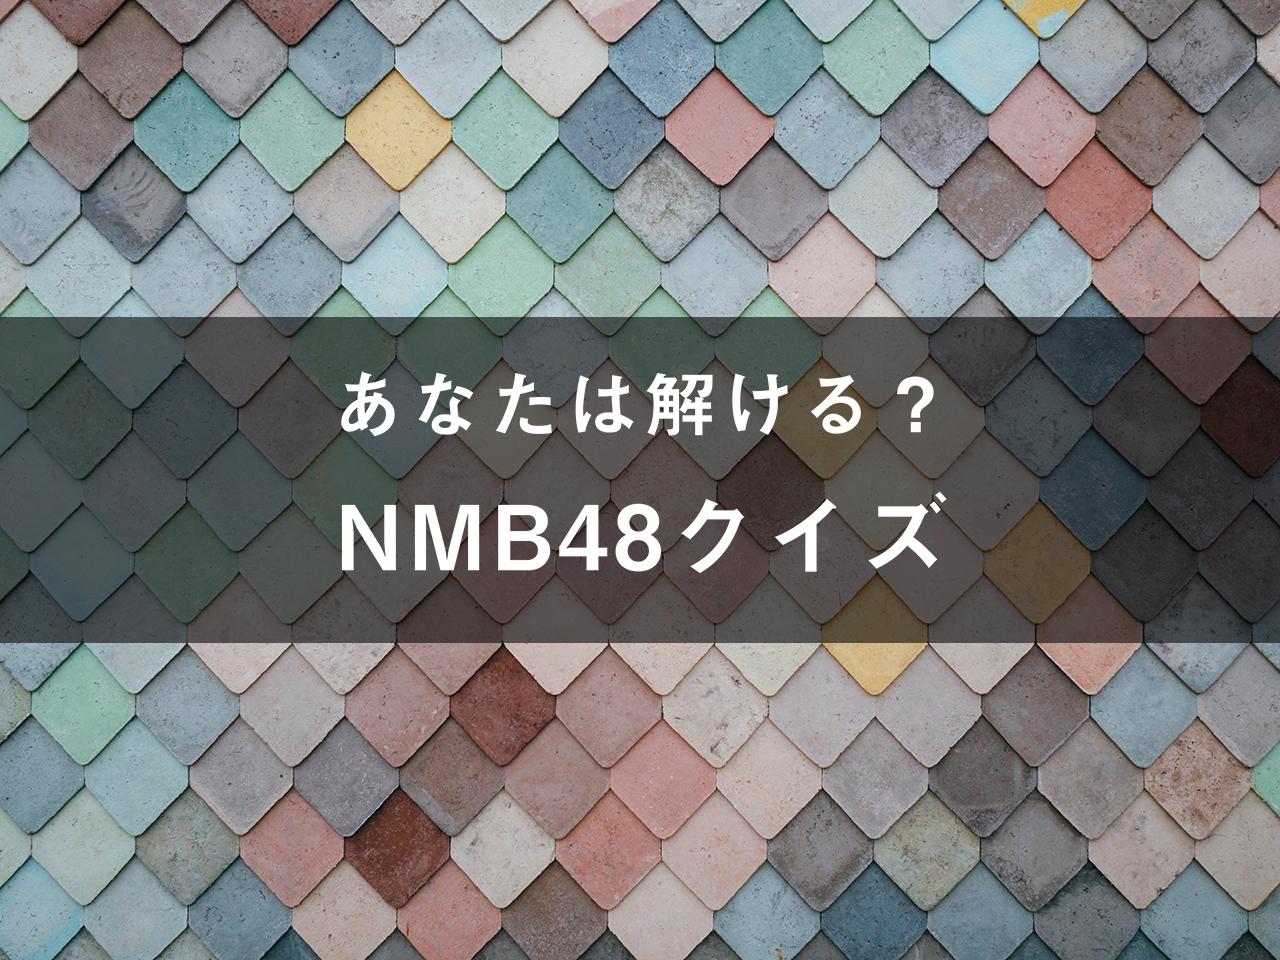 NMB48クイズ